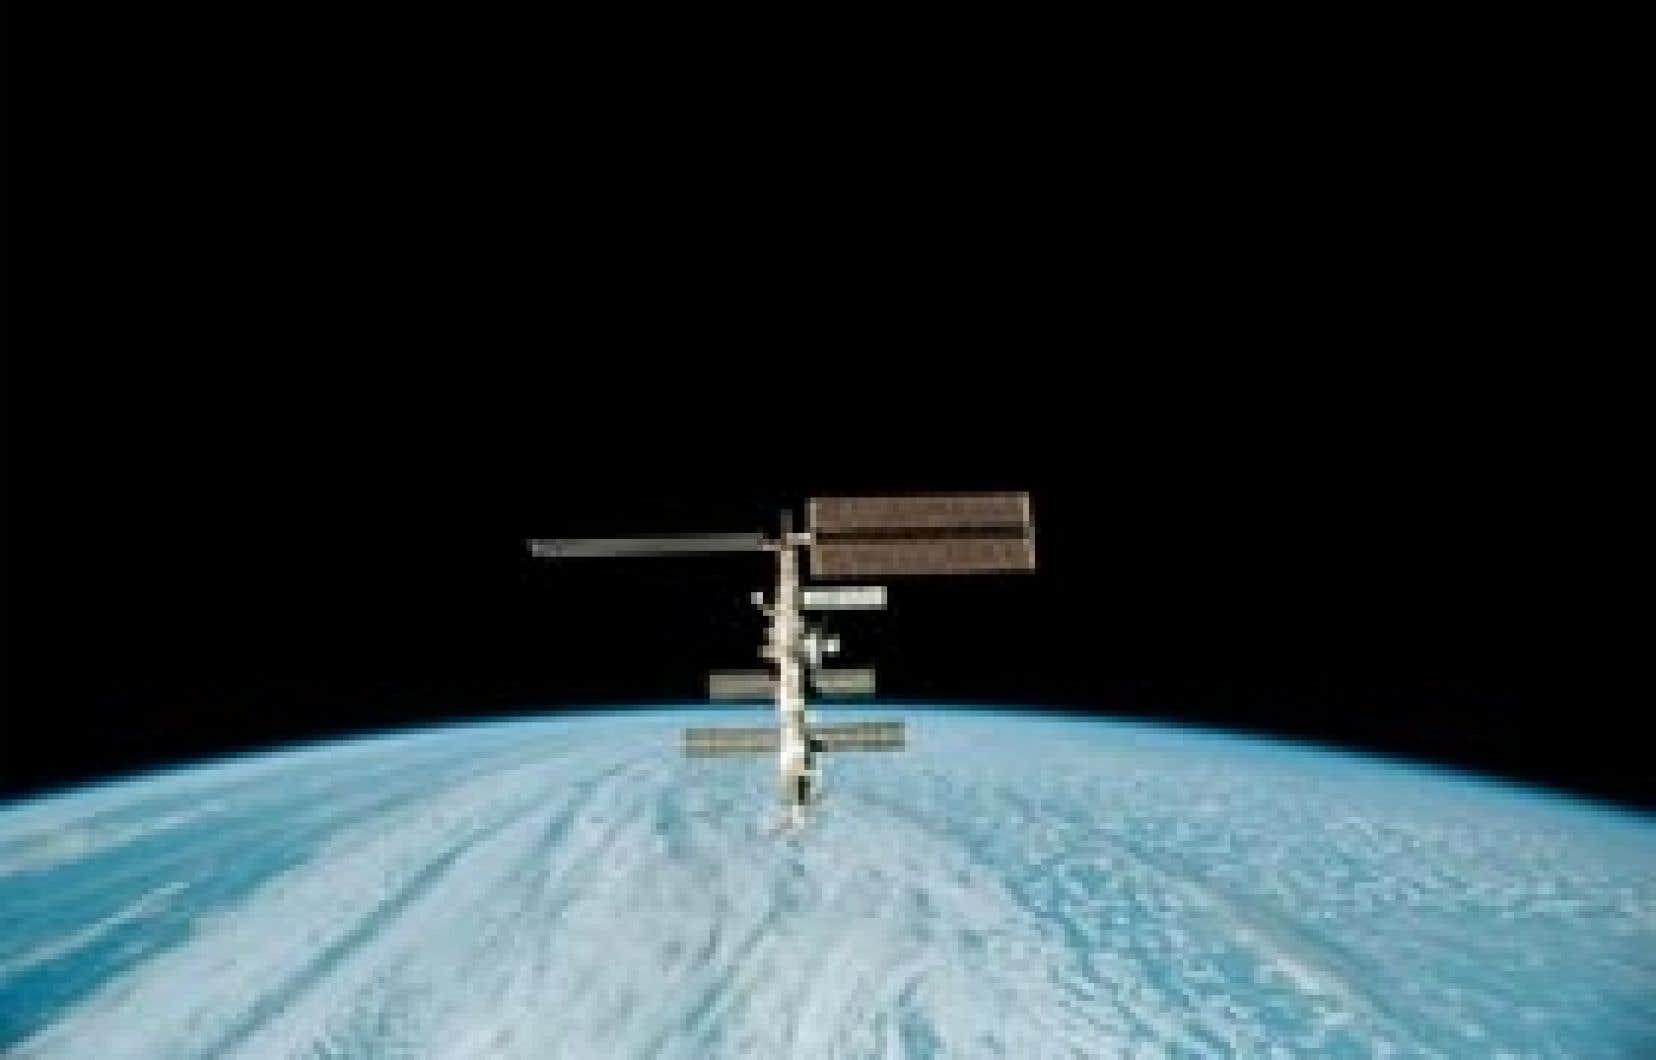 «Les petits morceaux sont plus dangereux que les plus gros, car on peut voir les plus gros et ainsi tenter de les éviter en déviant la trajectoire du satellite», dit un chercheur.